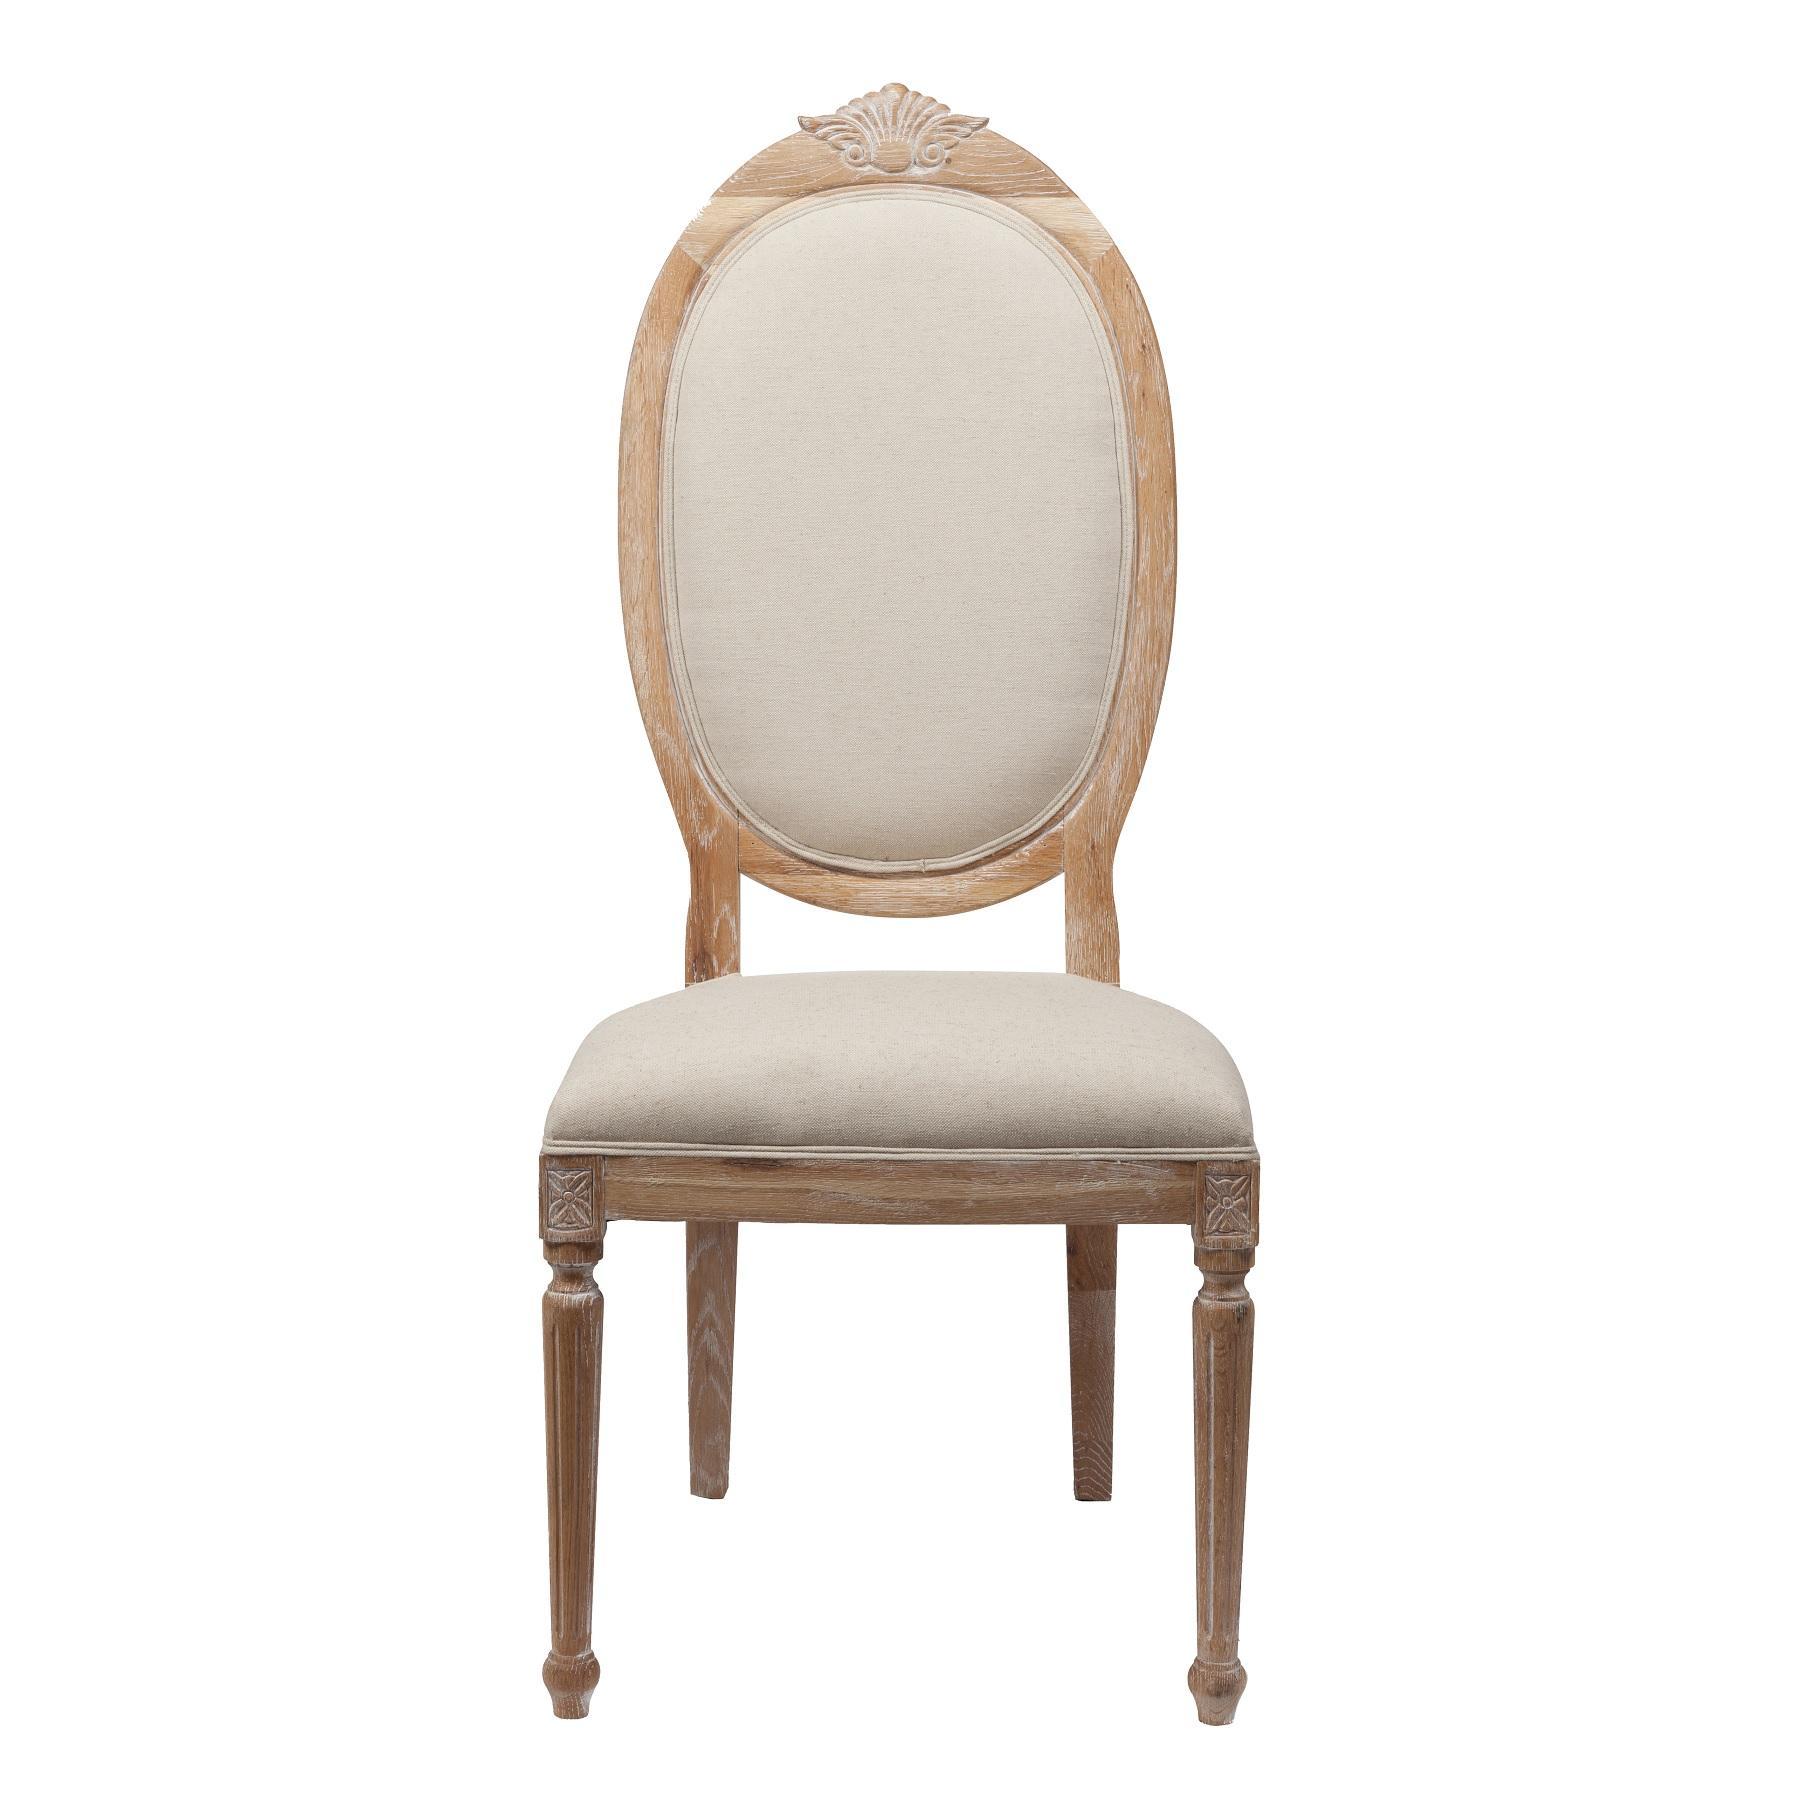 Стул Oriental сHerry с мягкой обивкой (inmyroom) Африканда где купить дешевую мебель